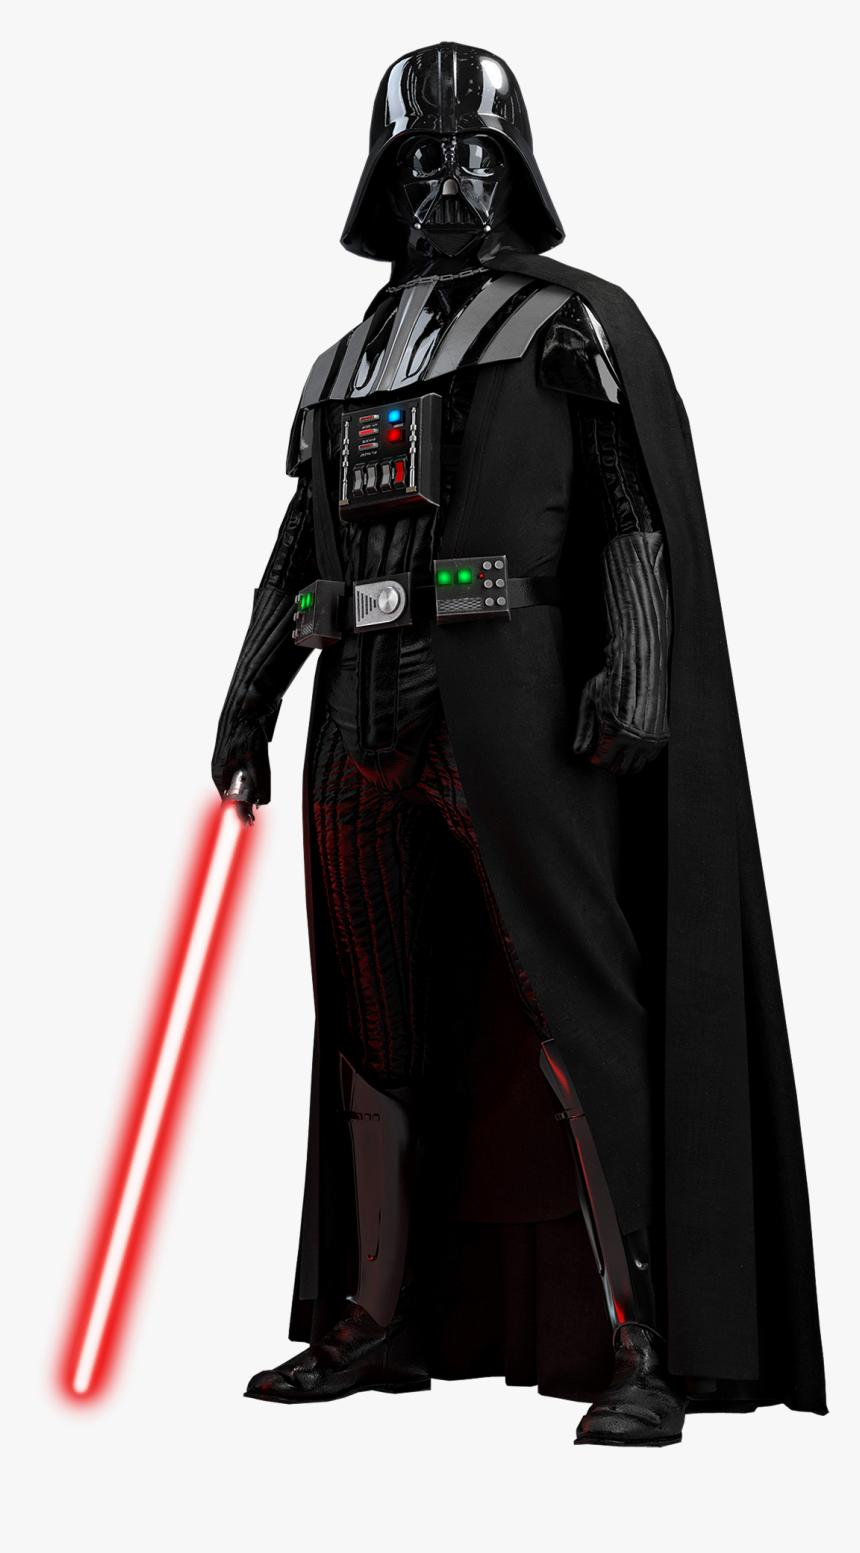 Darth Vader Png Image - Star Wars Darth Vader Png, Transparent Png, Free Download